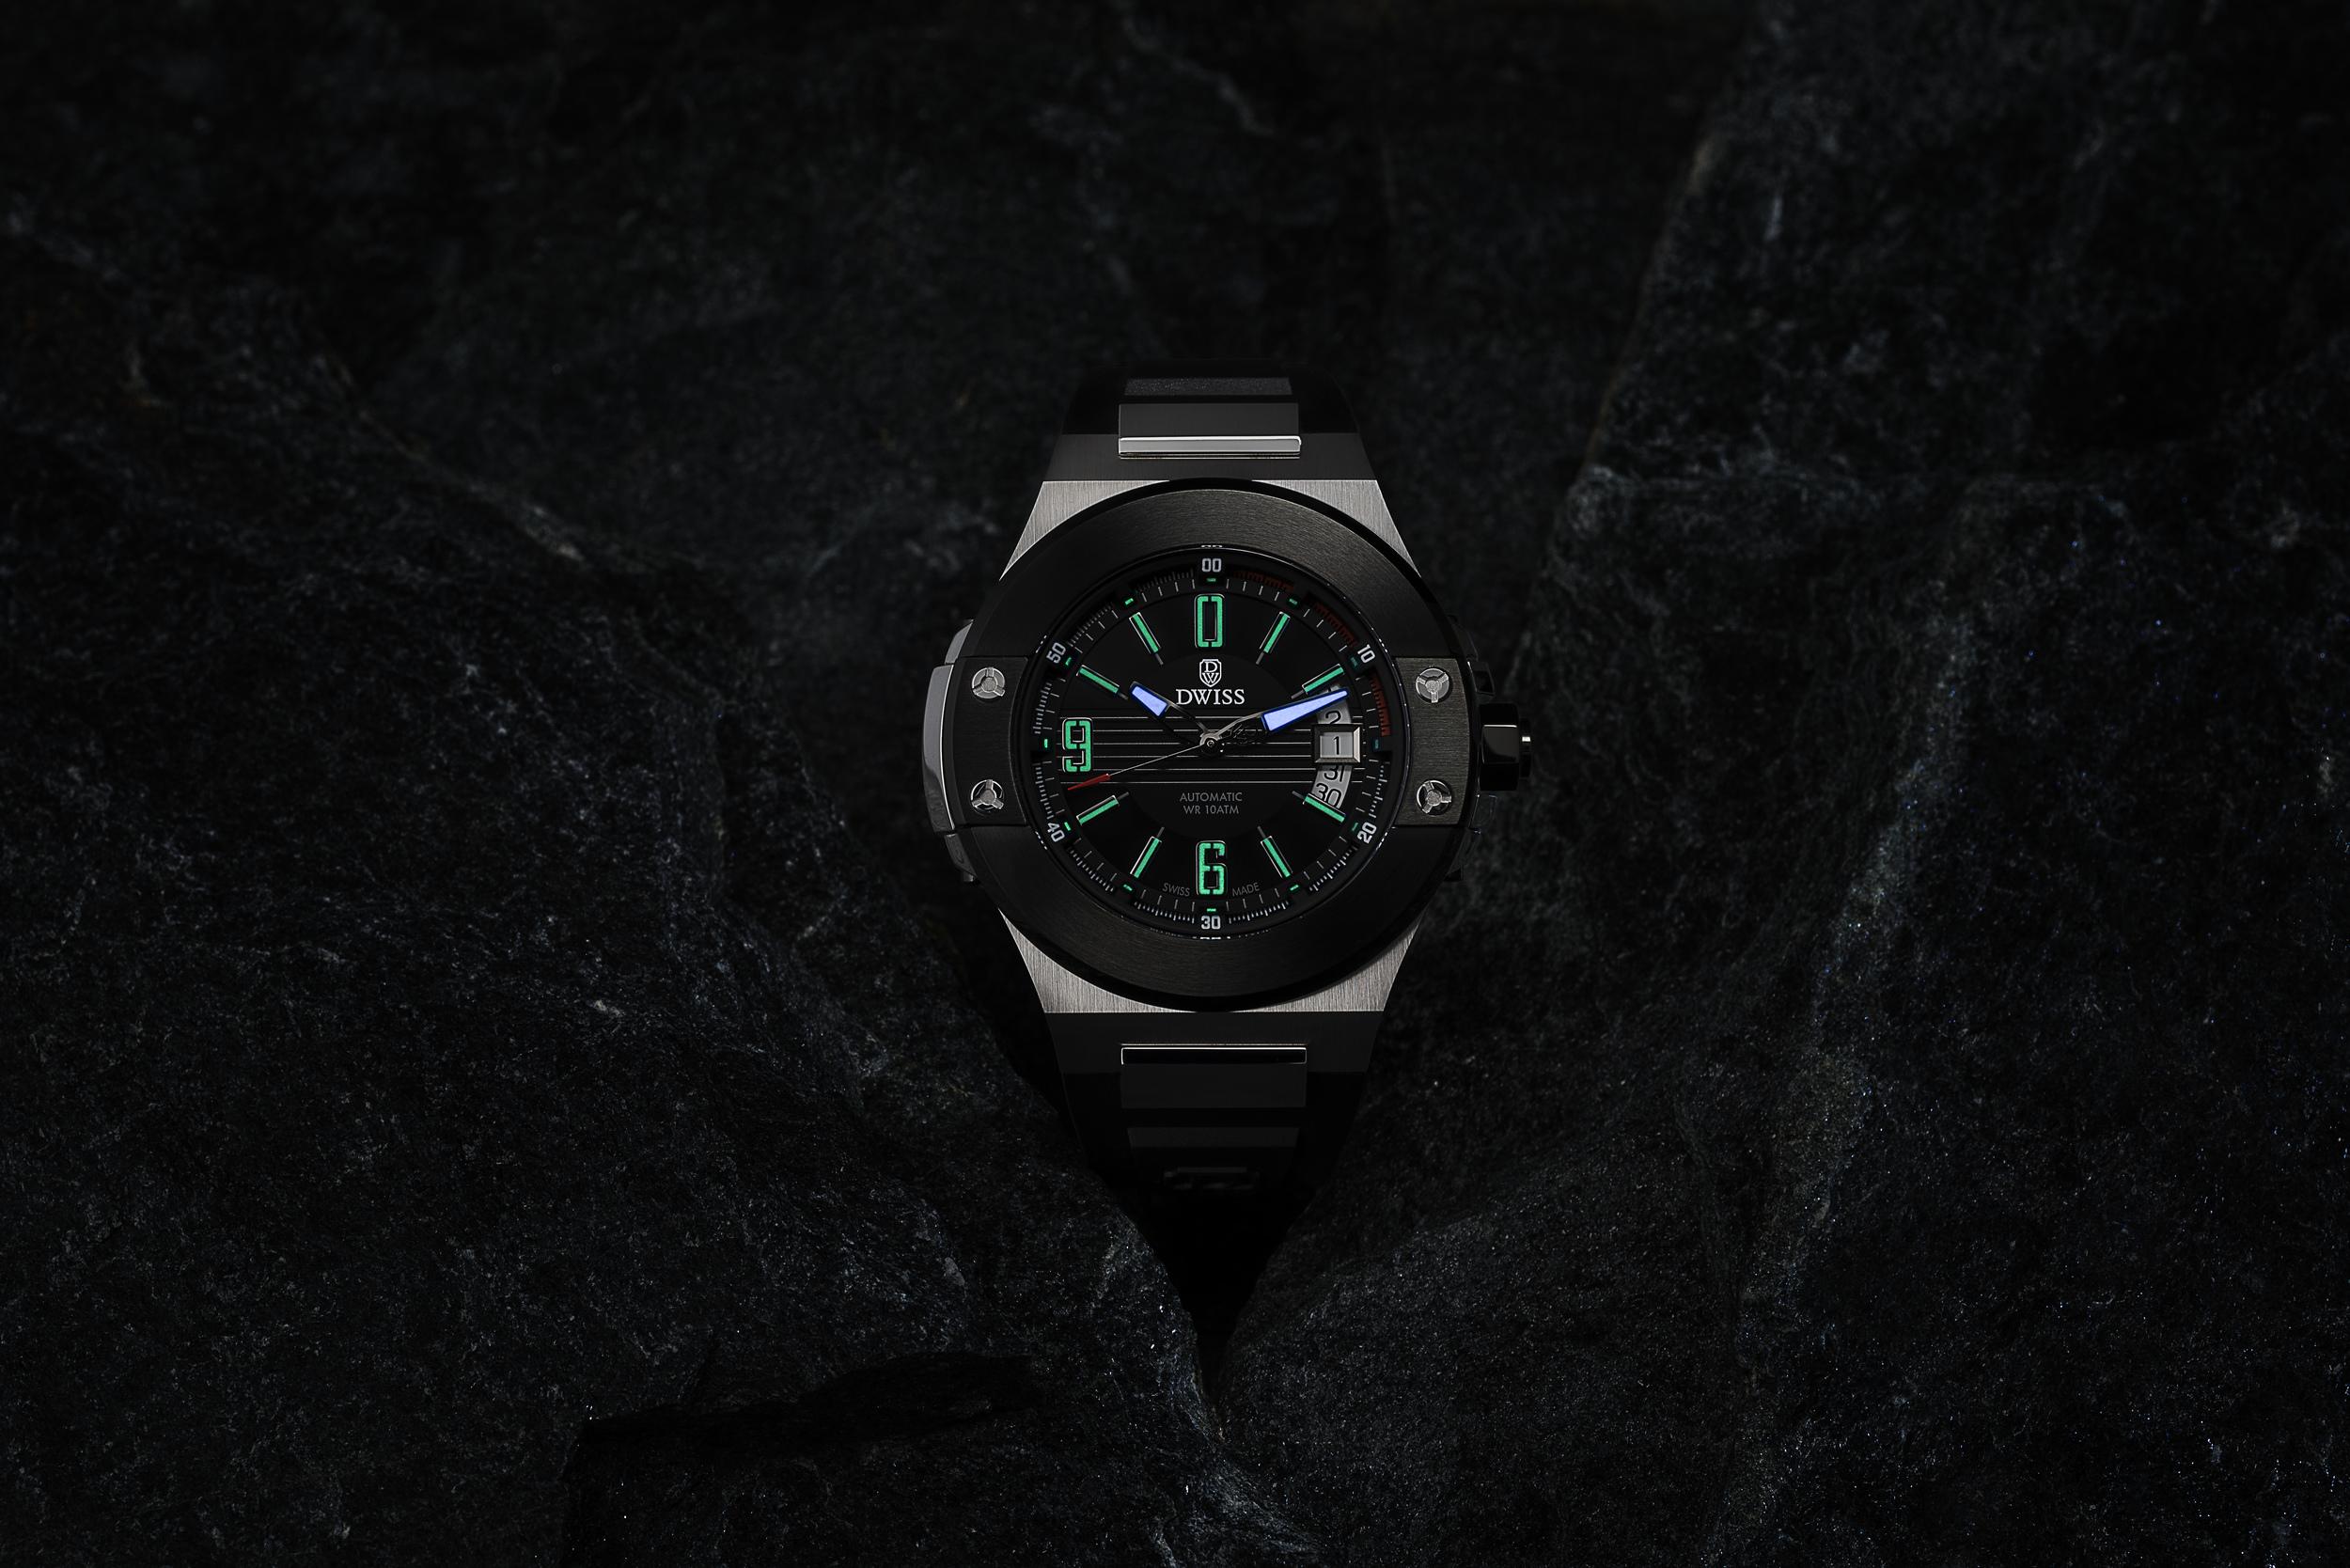 Produktová a reklamná fotografia hodiniek